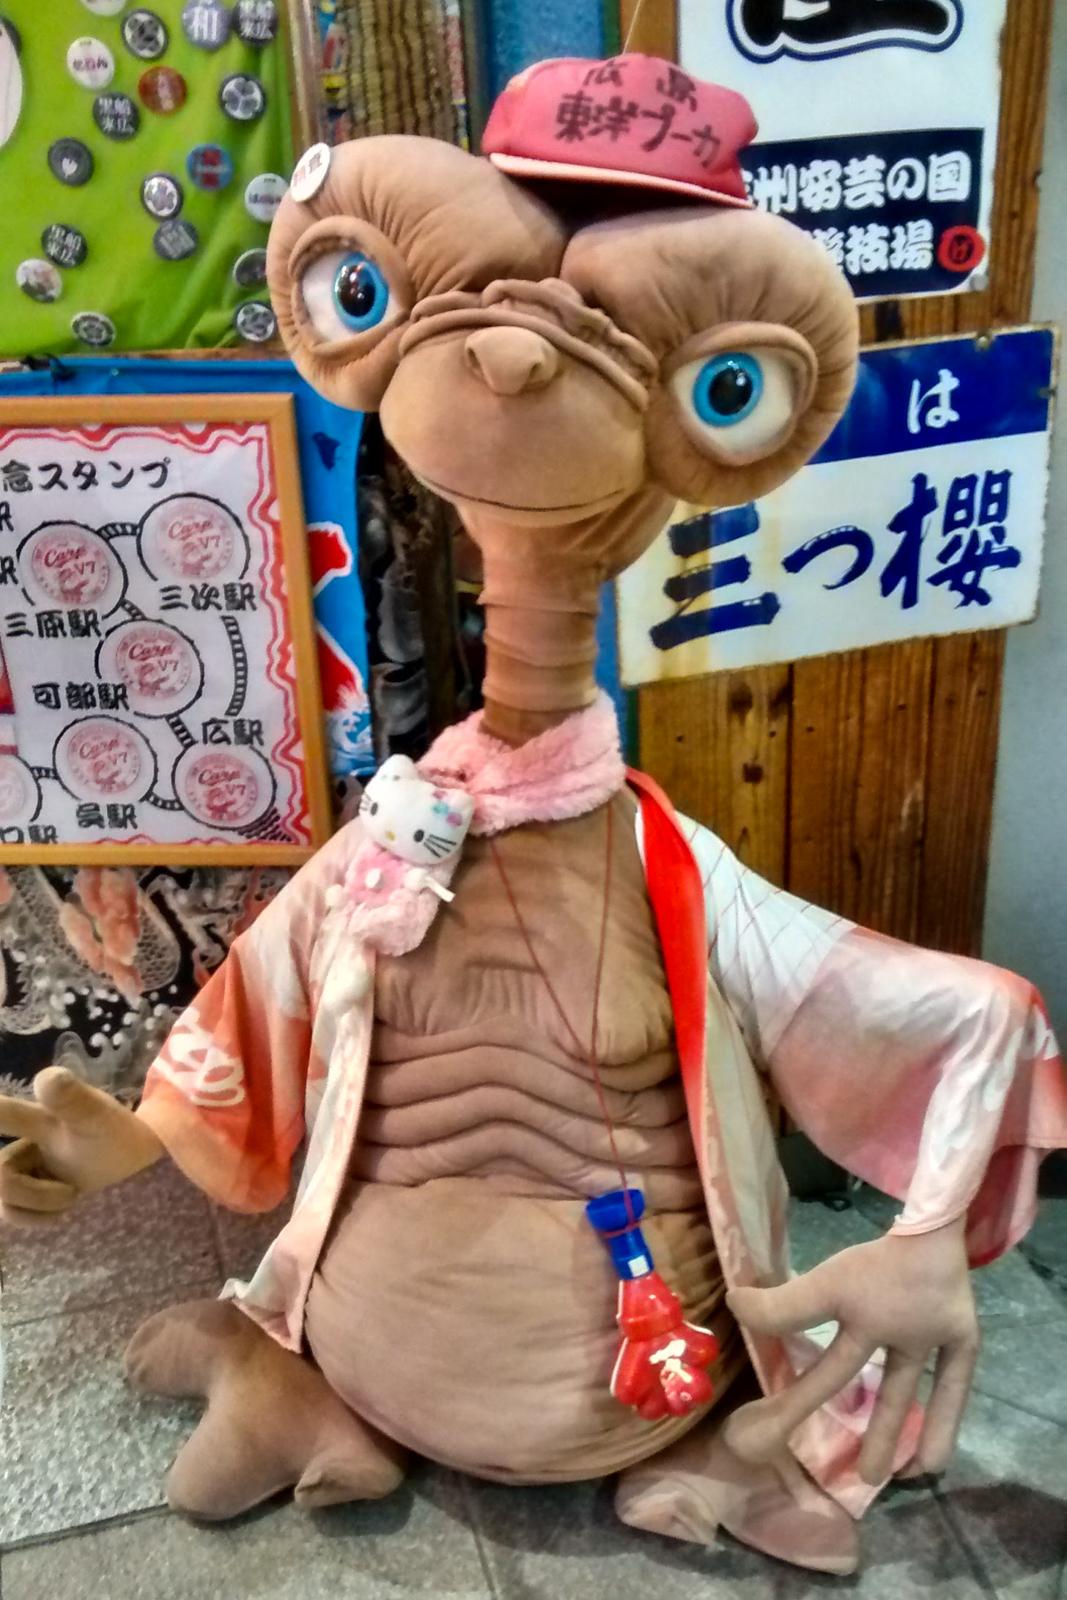 japon insolite, japon bizarre, japon drôle, curiosités japon, strange japan